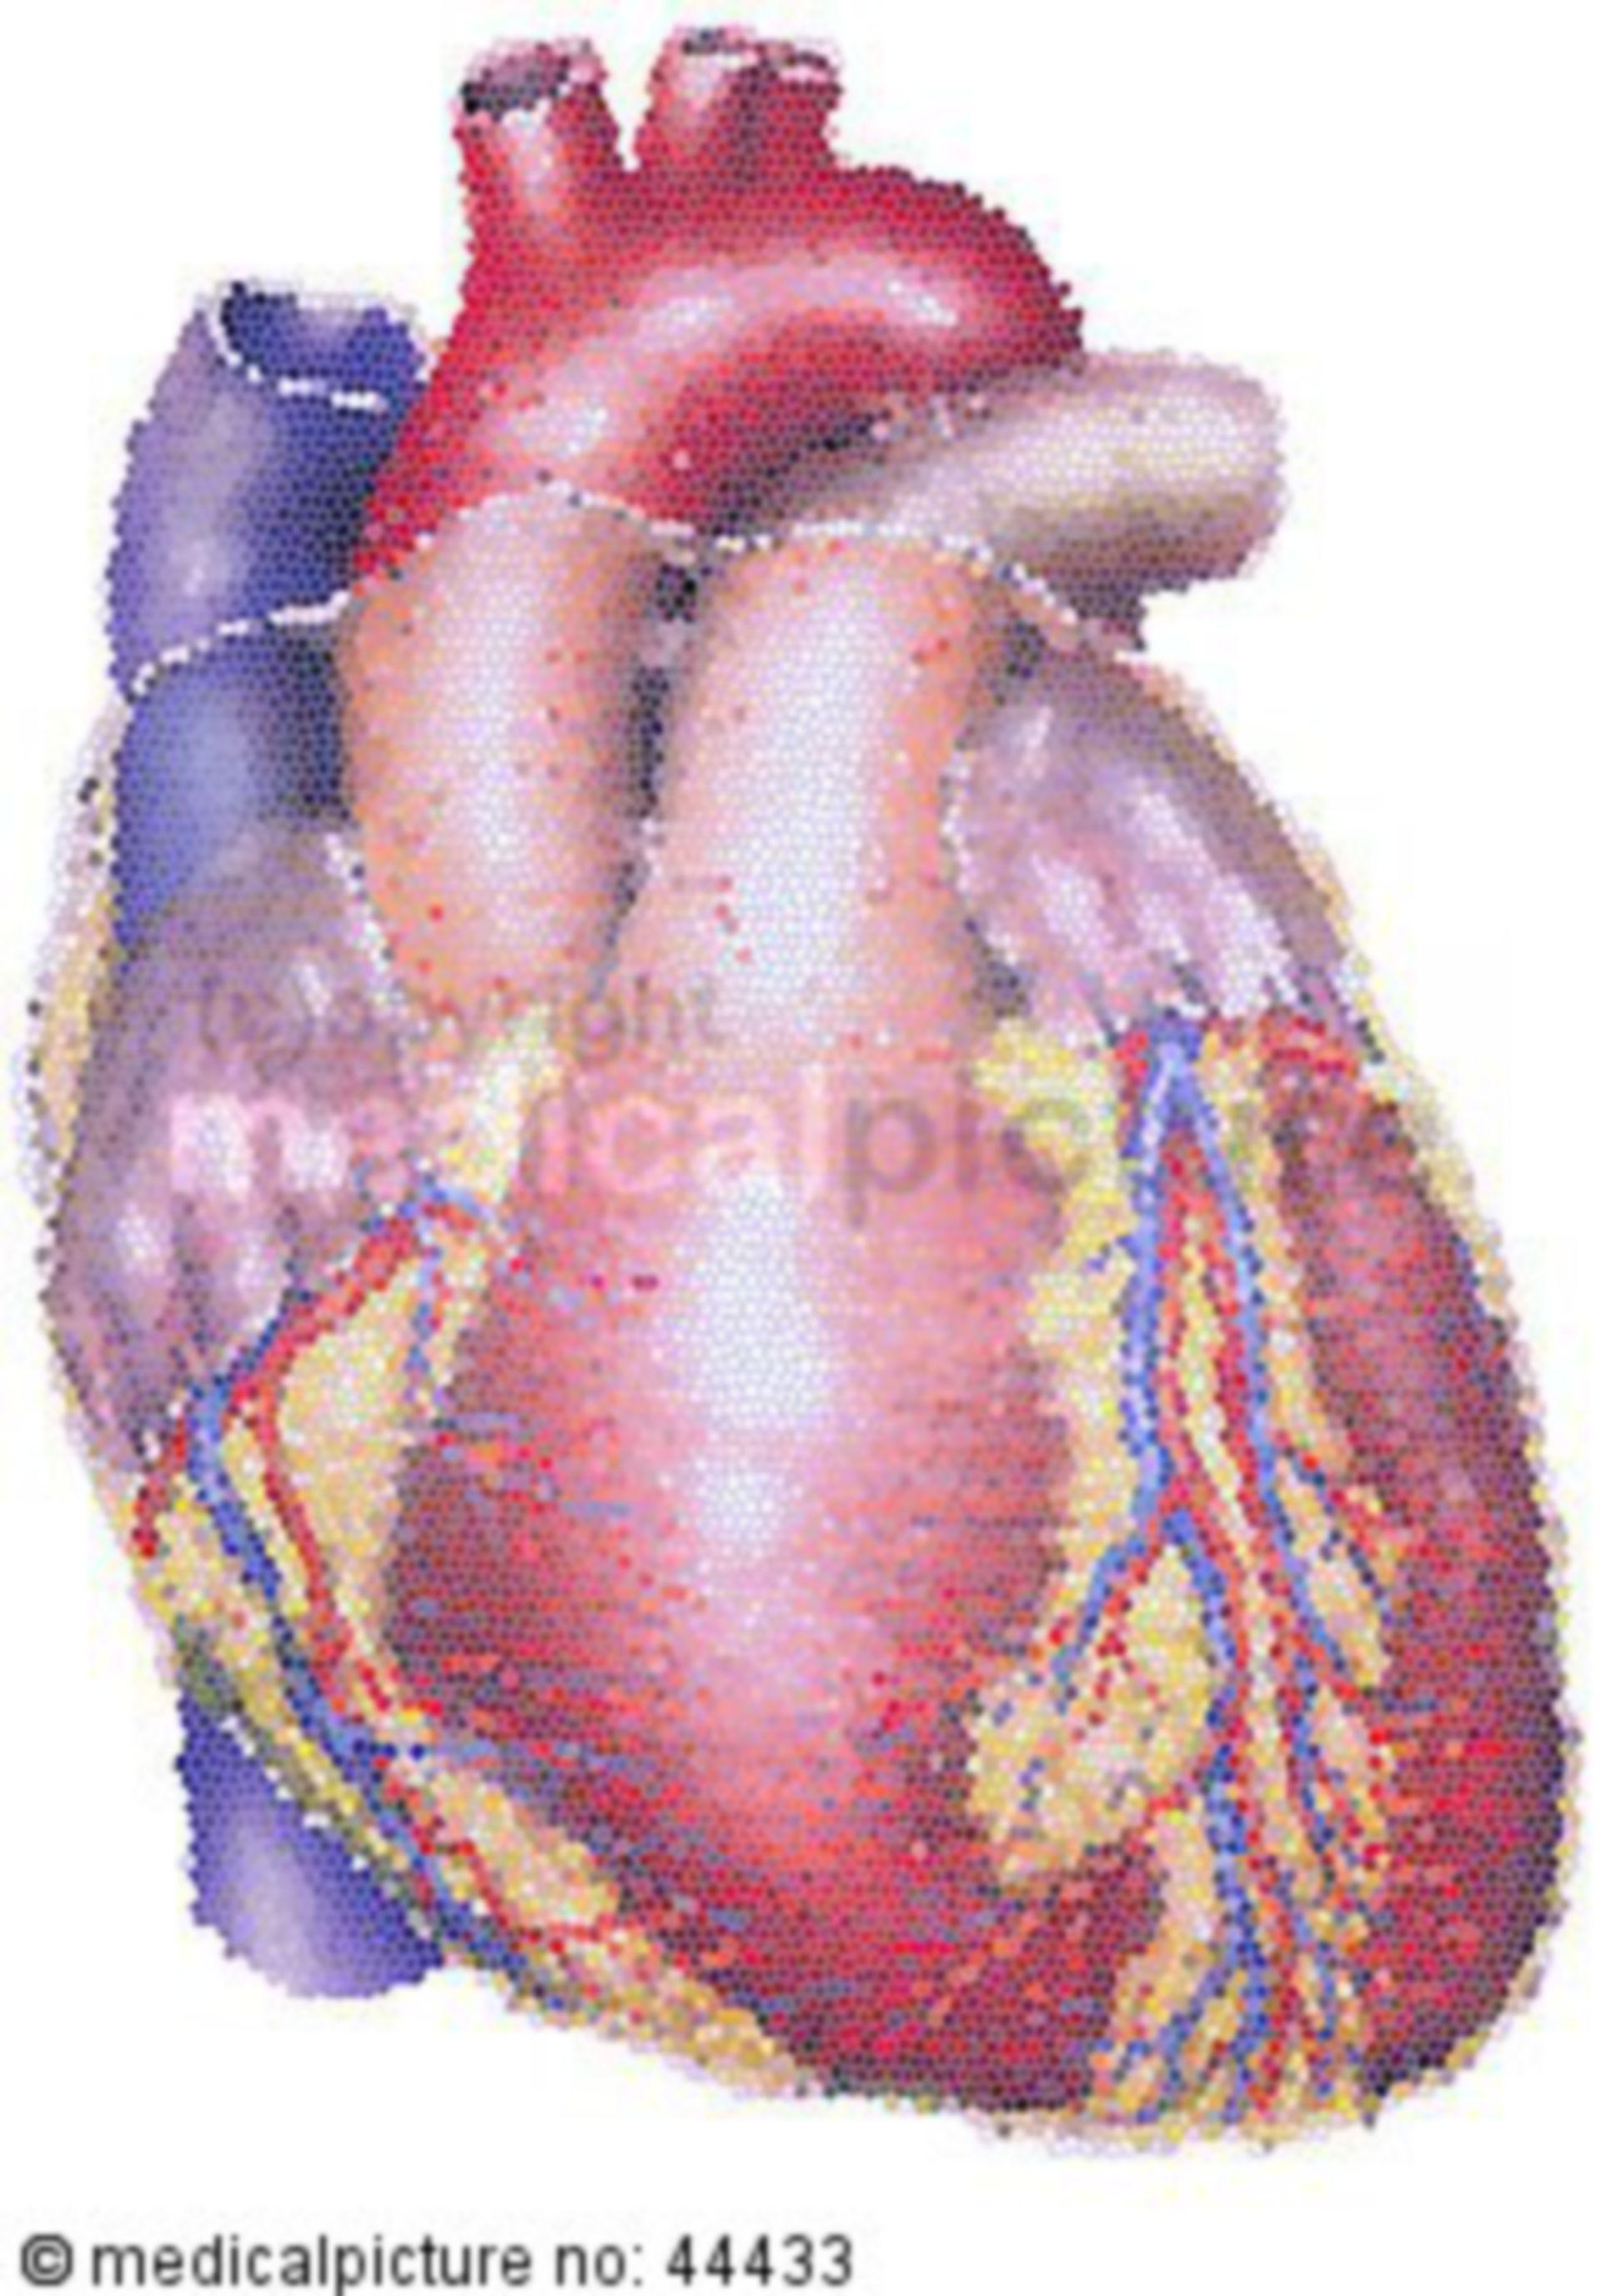 Struktur des Herzens von vorn